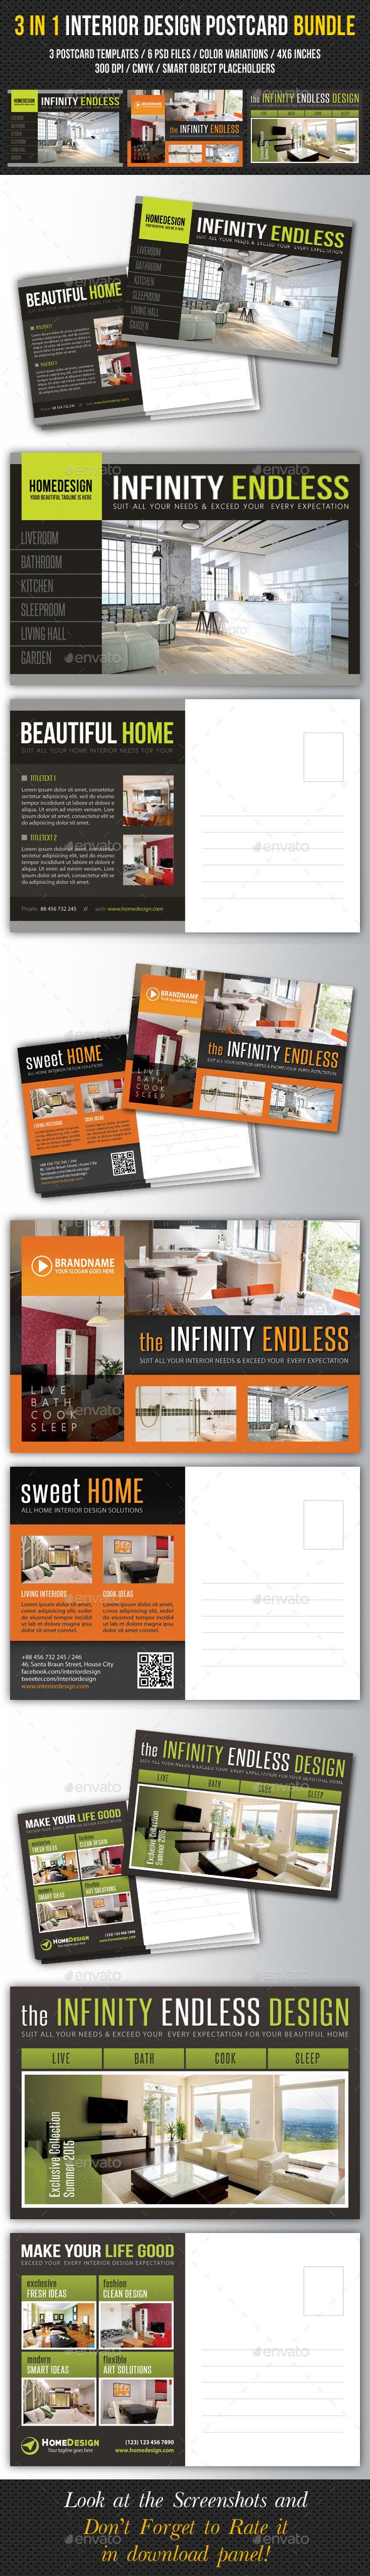 3 in 1 Interior Design Postcard Template Bundle 02 Postcard